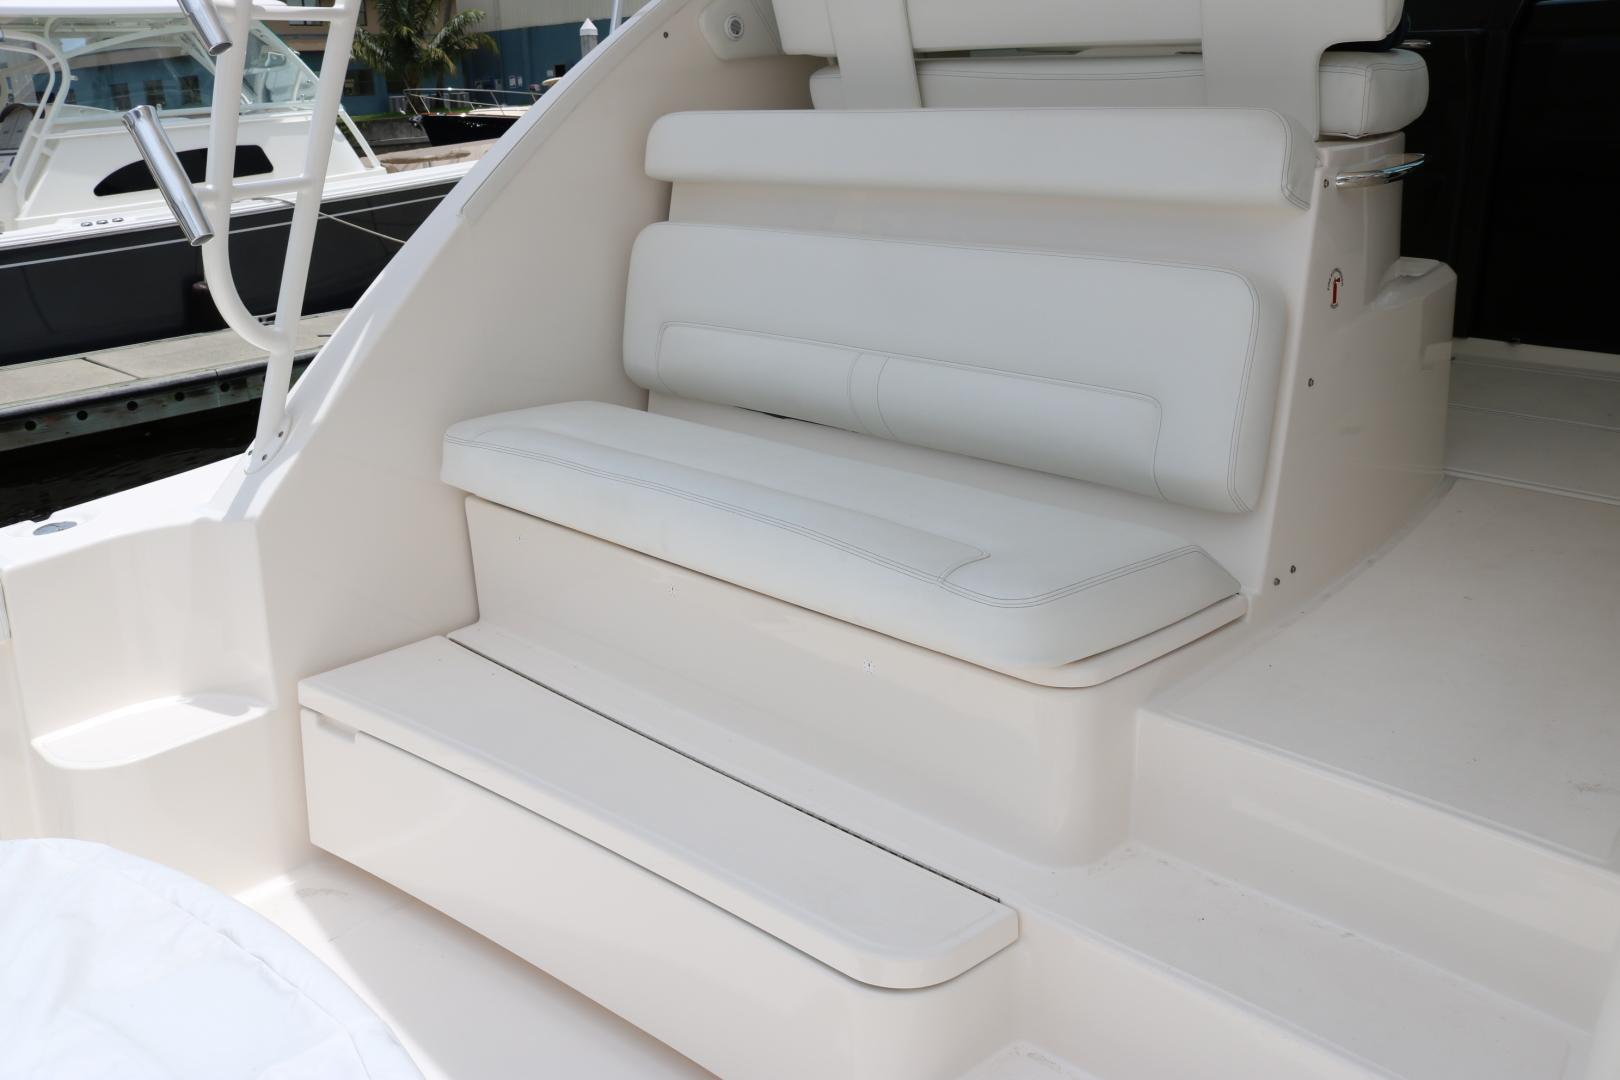 Tiara 43 - Ceviche - cockpit